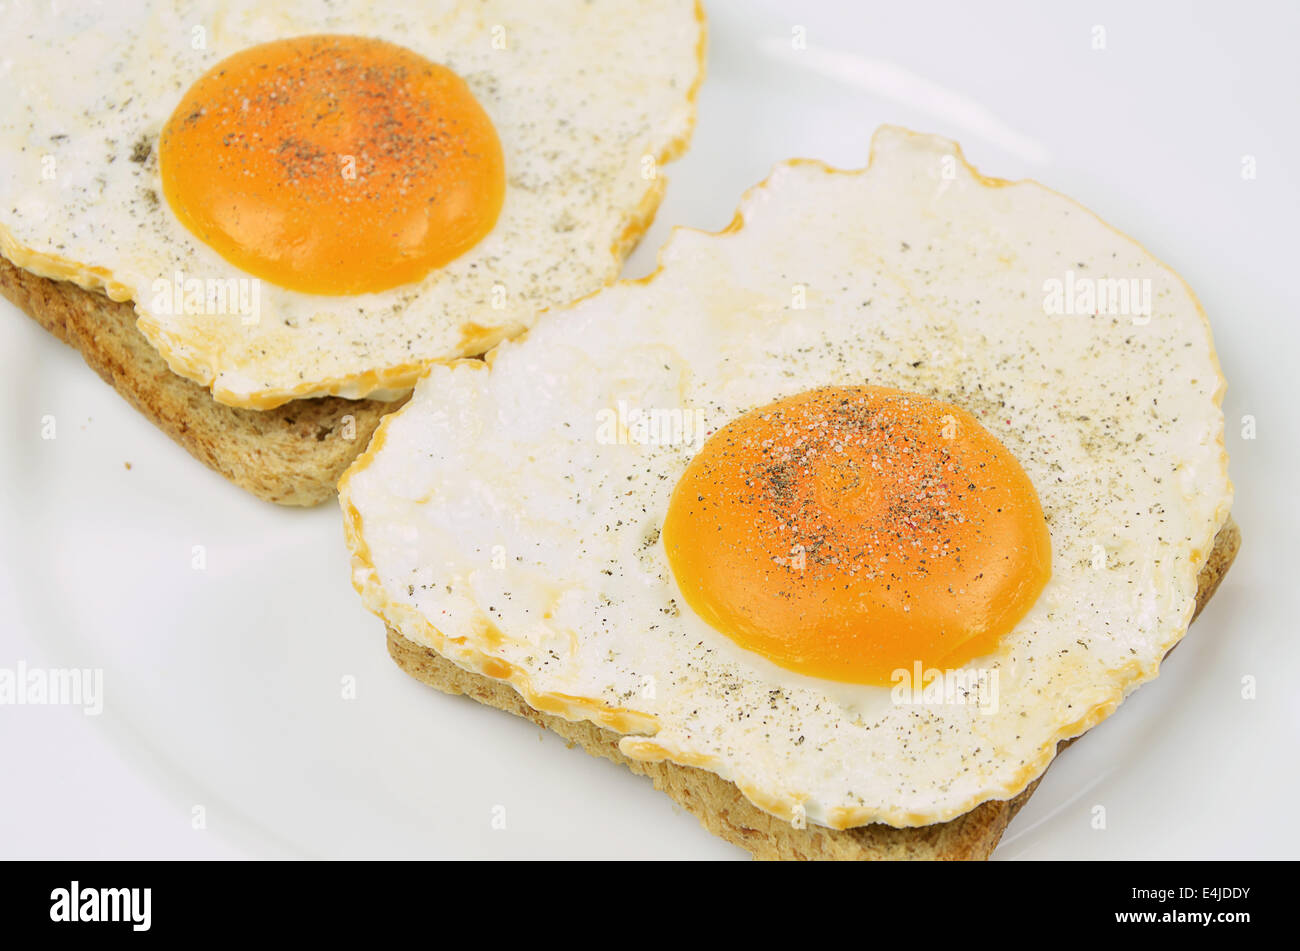 Dos huevos fritos con sal y pimienta sobre una tostada, cerca de la placa blanca, full frame Imagen De Stock